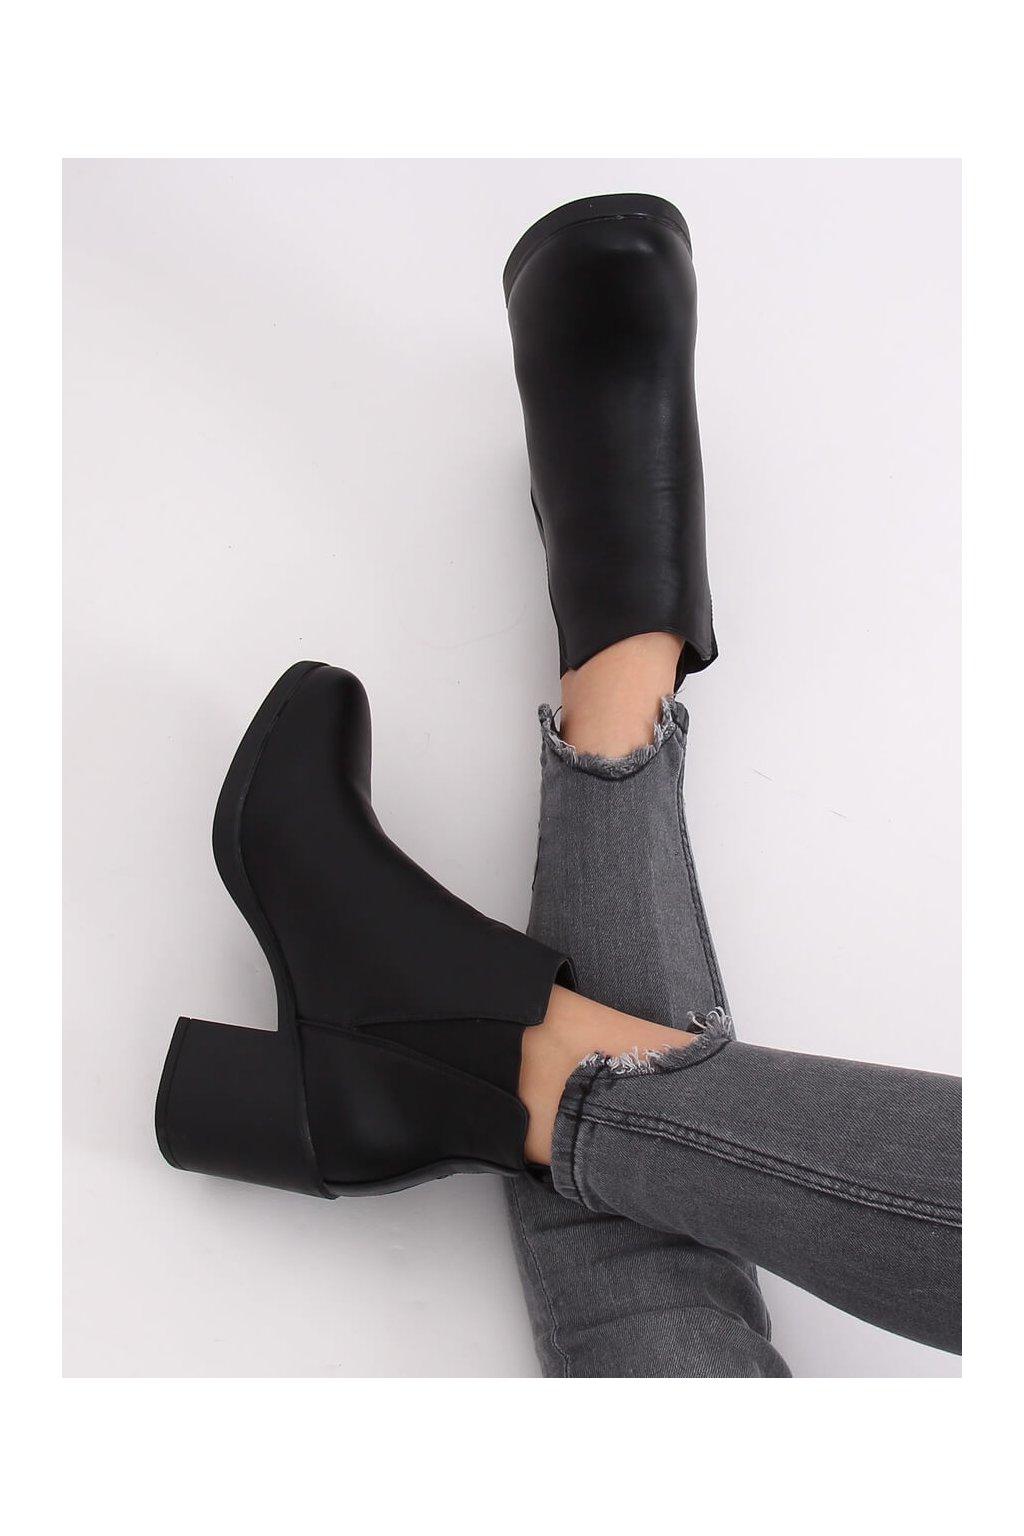 Dámske členkové topánky čierne na širokom podpätku EMILY